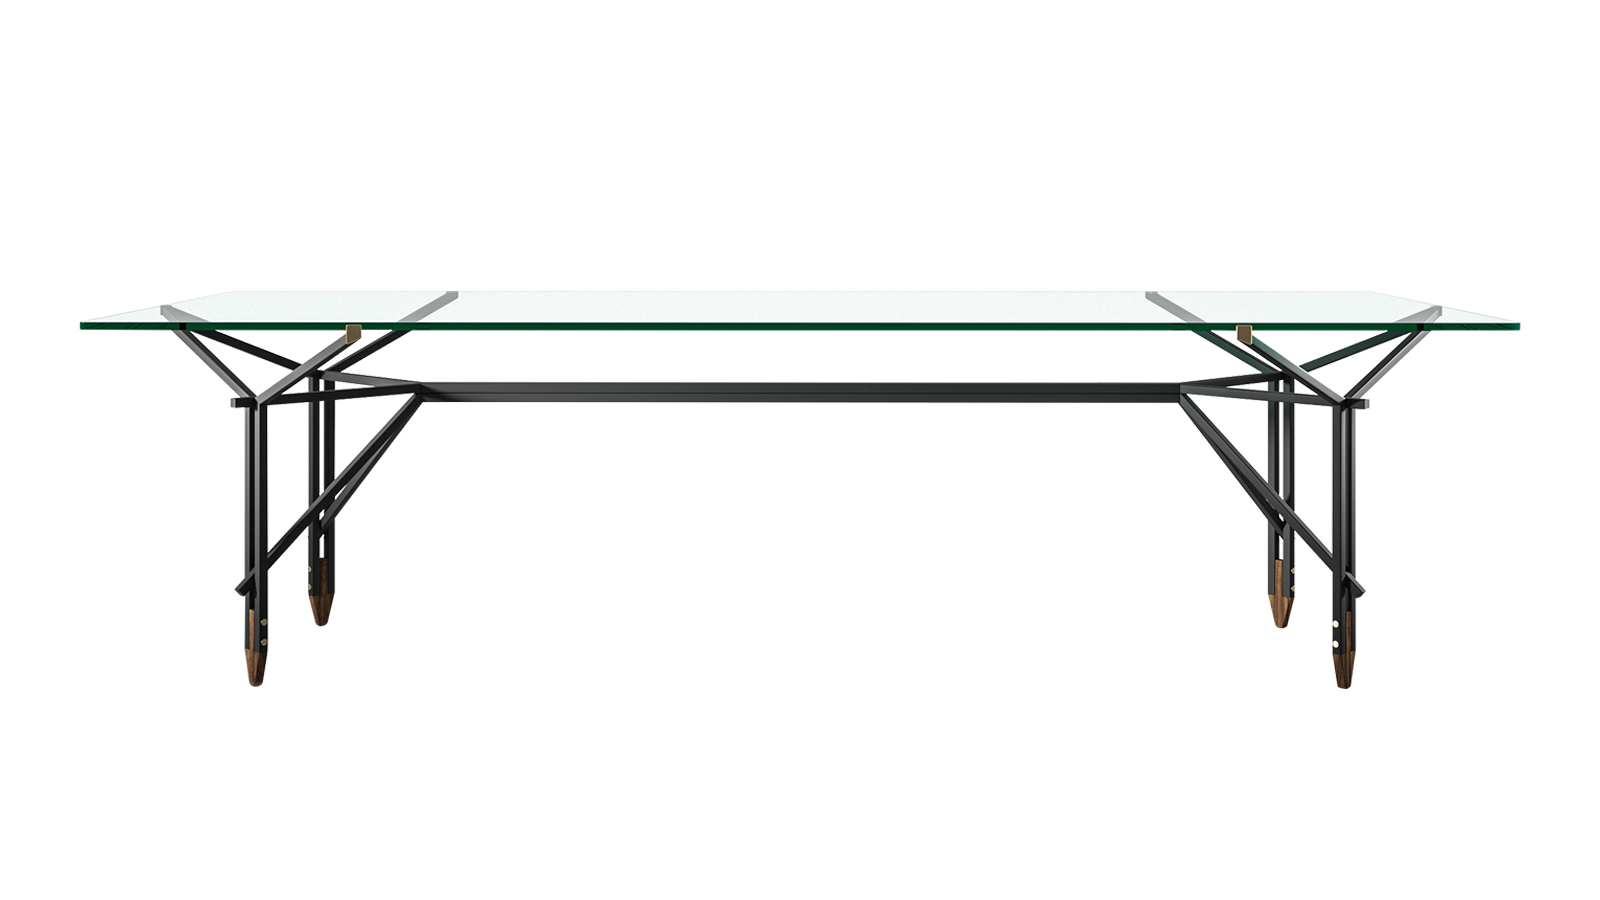 """Ico Parisi, a design egyik 20. századi mesterének egyik főműve az Olimpino asztal. A """"maestro"""" életműve előtt tisztelgett a Cassina, amikor 2020-ban újraálmodta a bútort. A Y formák játékos hálója cseppet sem vonja el az enteriőr többi szereplőjéről a rivaldafényt, mégis kortalan dívaként tündököl, melyre ragyogyó üveglapja is rásegít. Az Olimpino eegáns, légies, mégis nyomatékos jelenség, melyre minden designrajongónak szüksége van."""